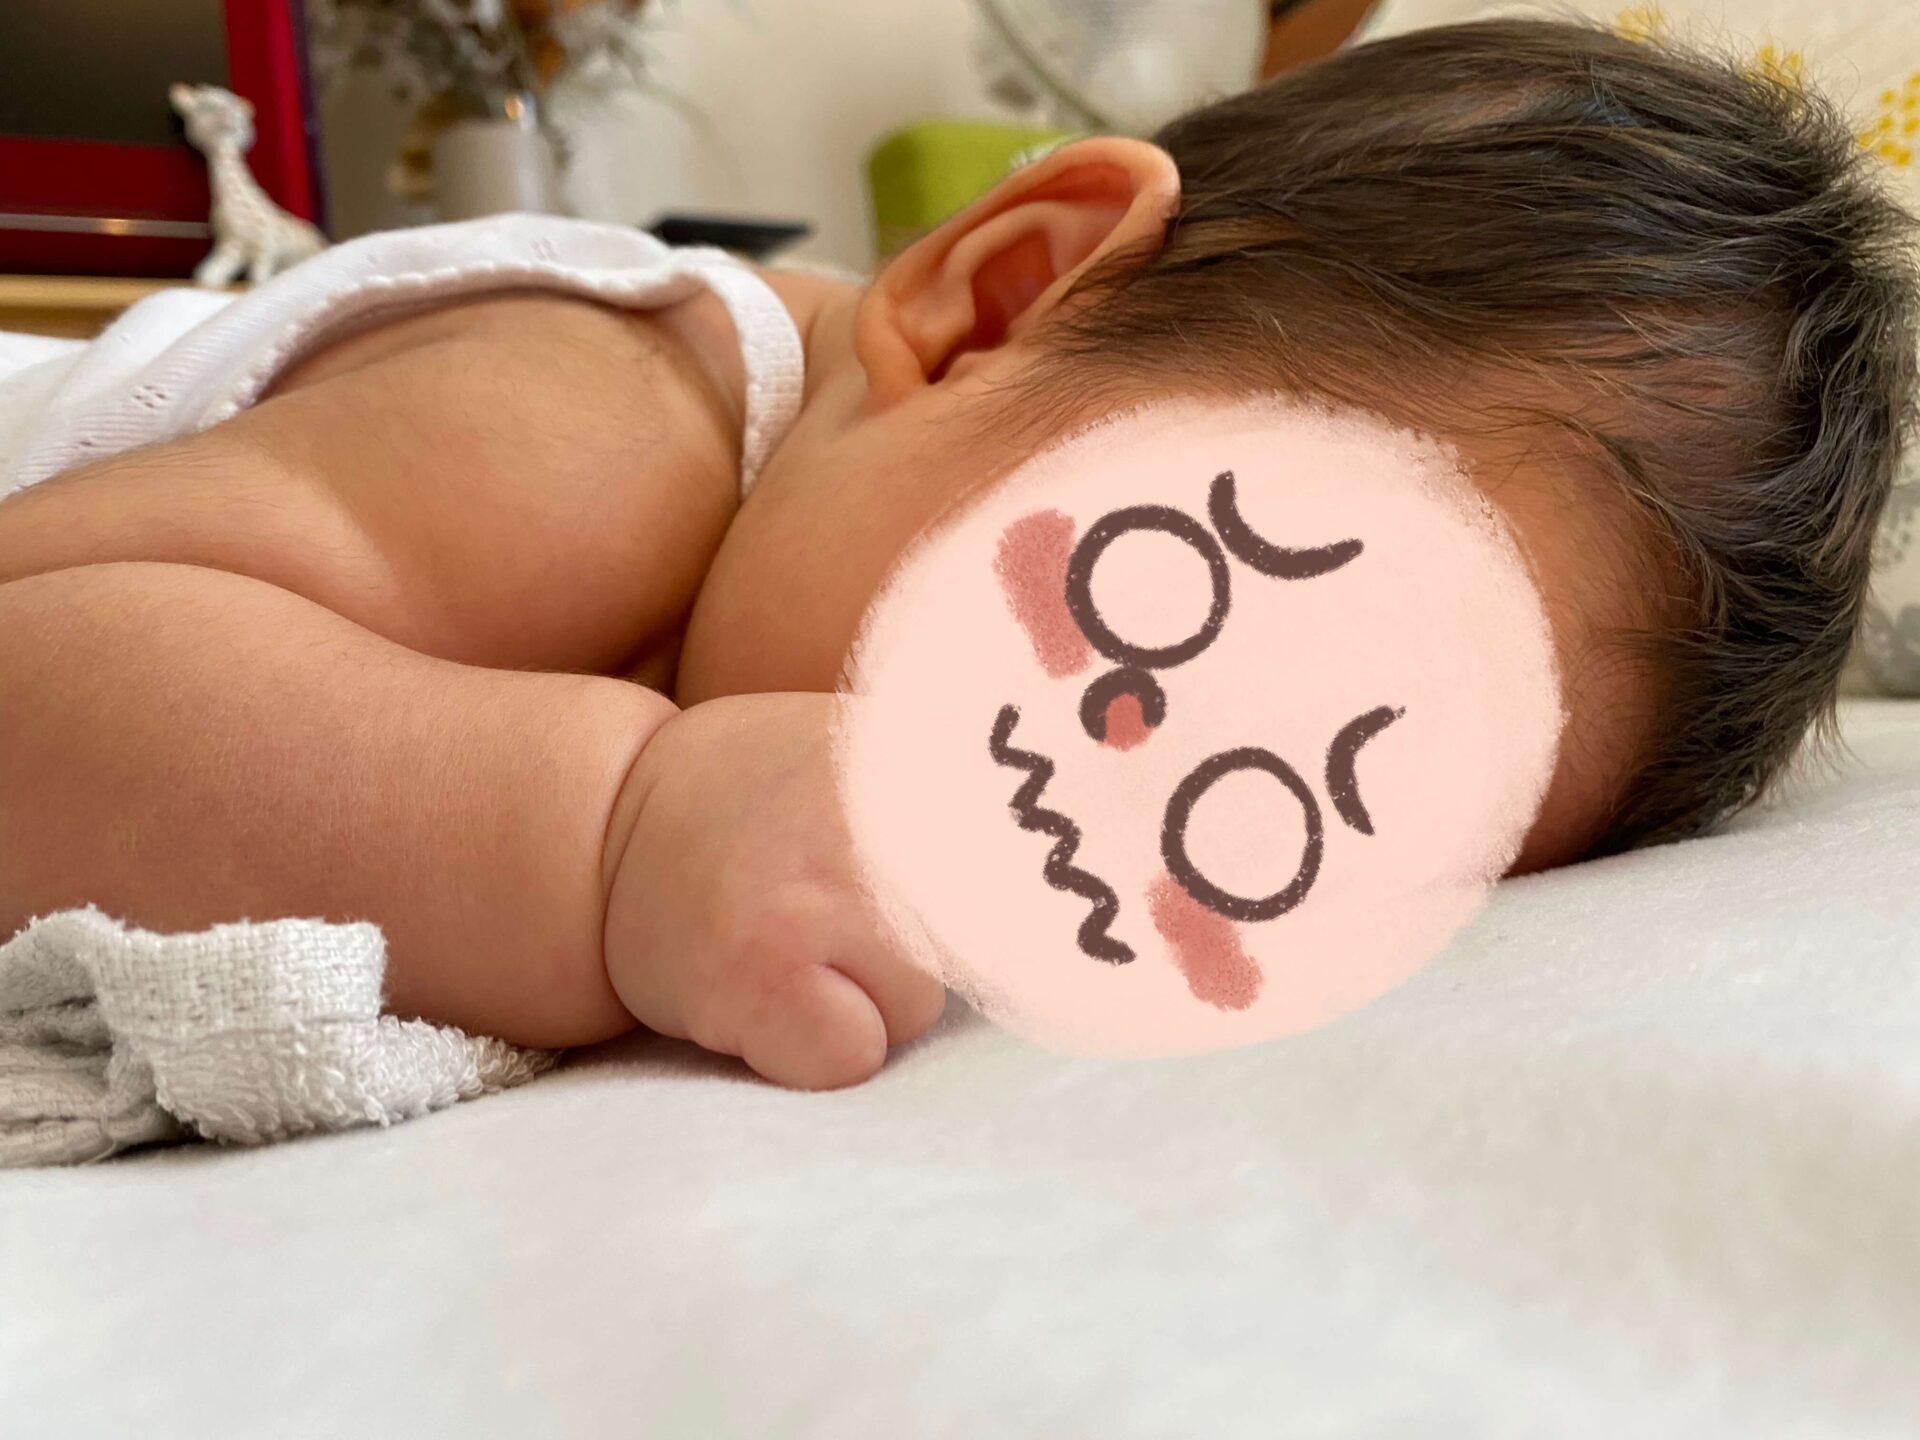 生後40日の赤ちゃんのうつ伏せの様子 まだ頭は上がらない